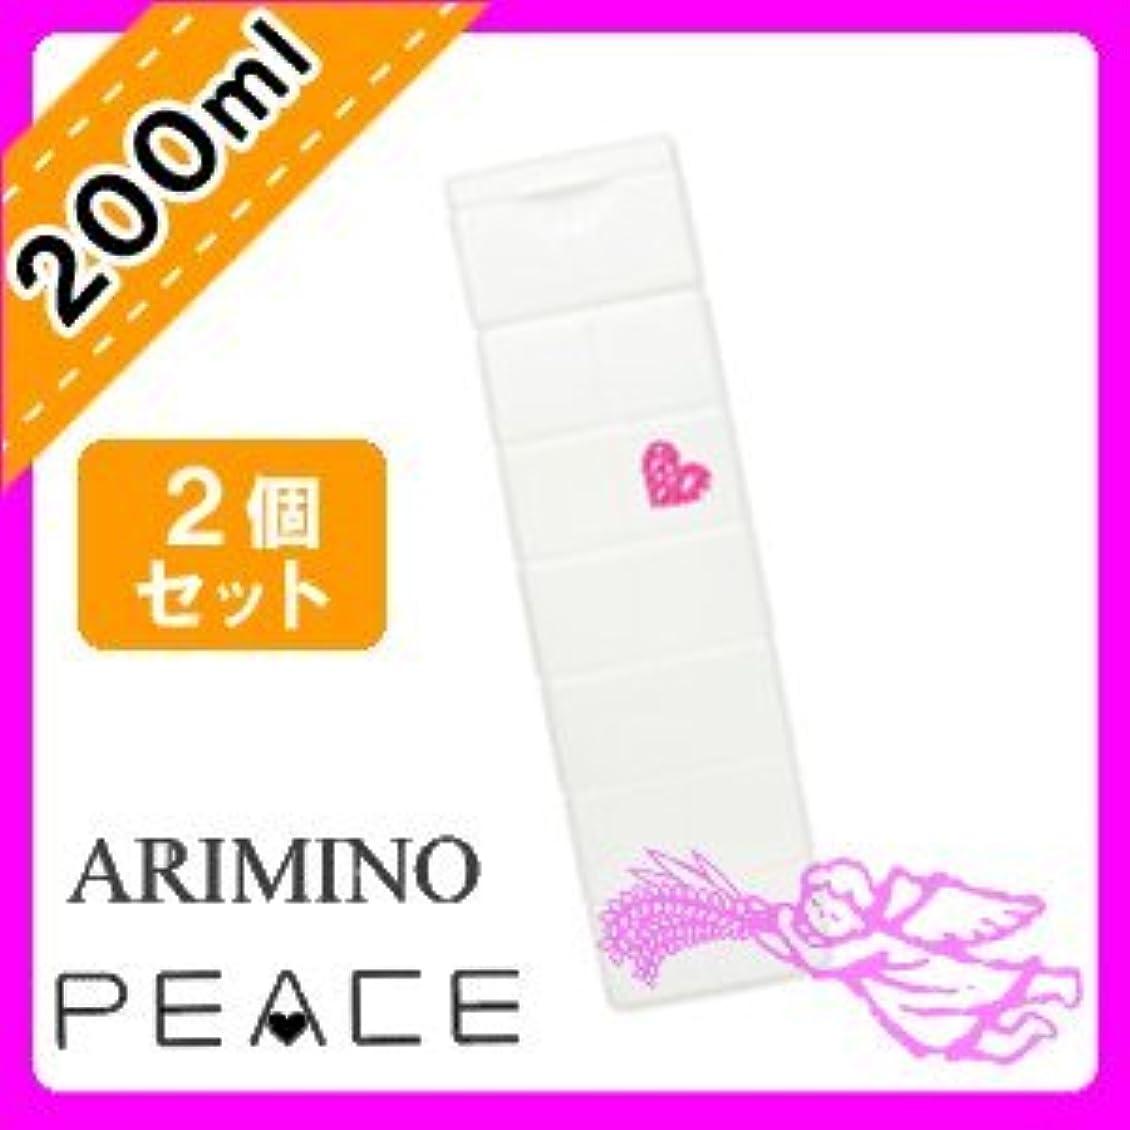 夕食を作る公爵夫人ハーフアリミノ ピースプロデザイン グロスミルク200mL ×2個 セット arimino PEACE